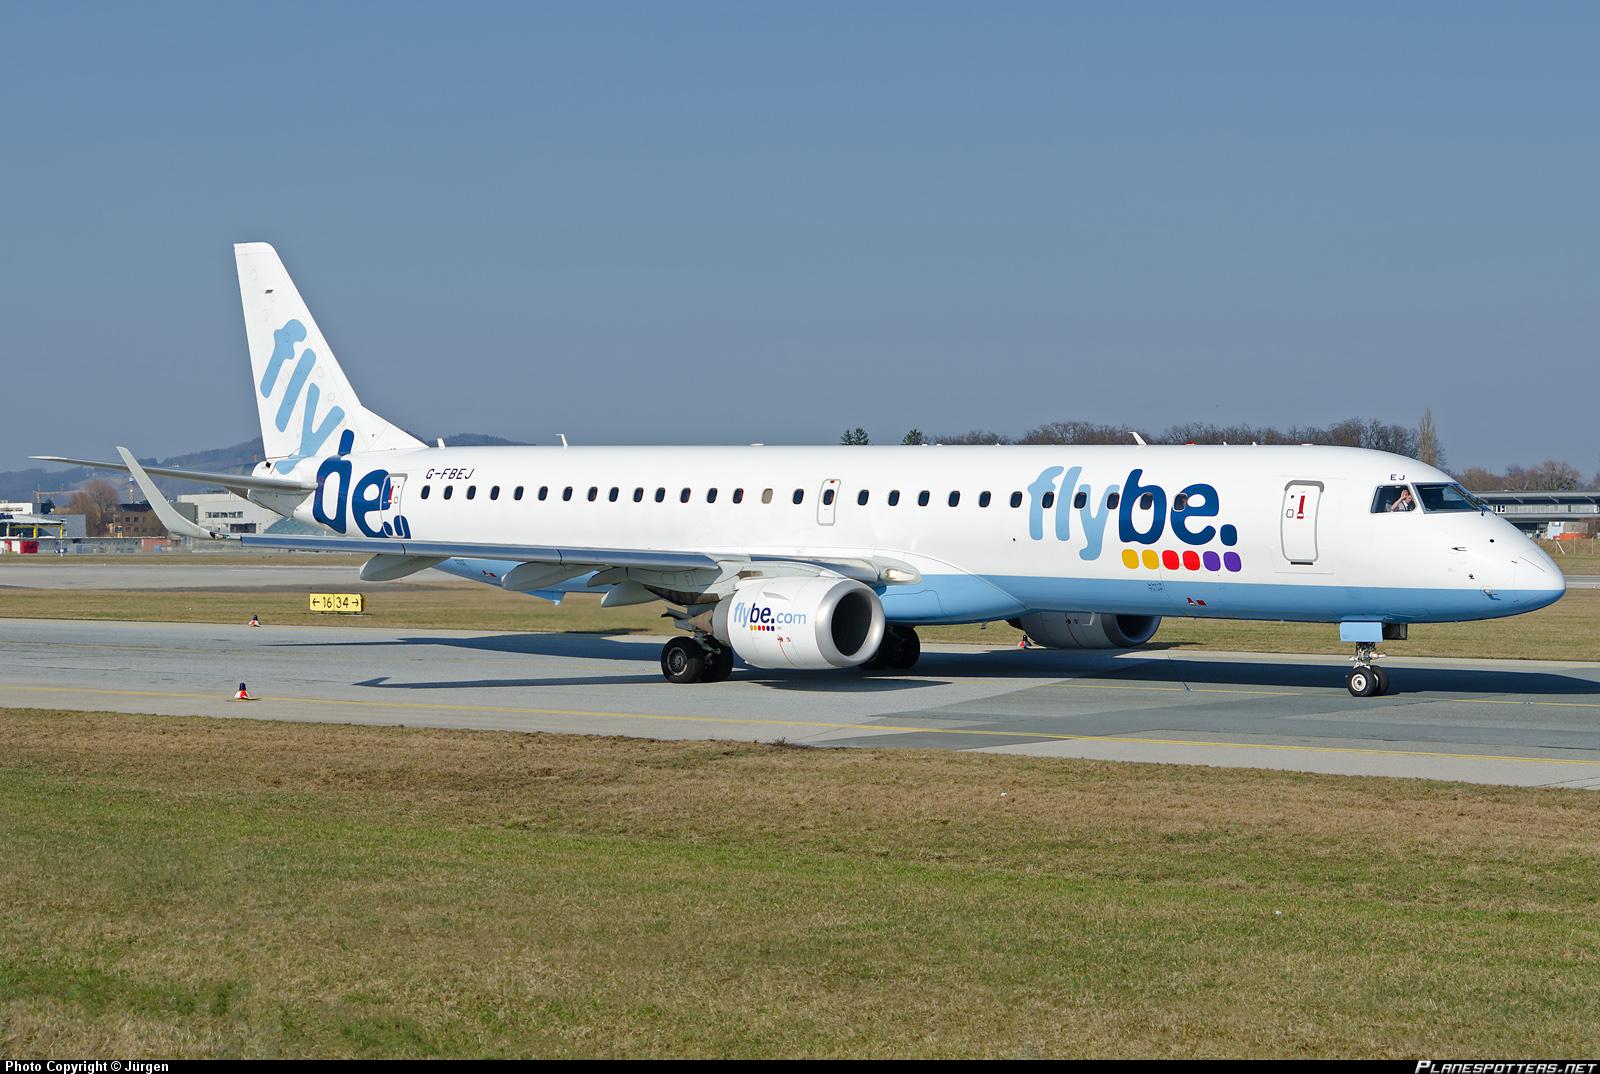 g-fbej-flybe-embraer-erj-195lr-erj-190-200-lr_PlanespottersNet_262745